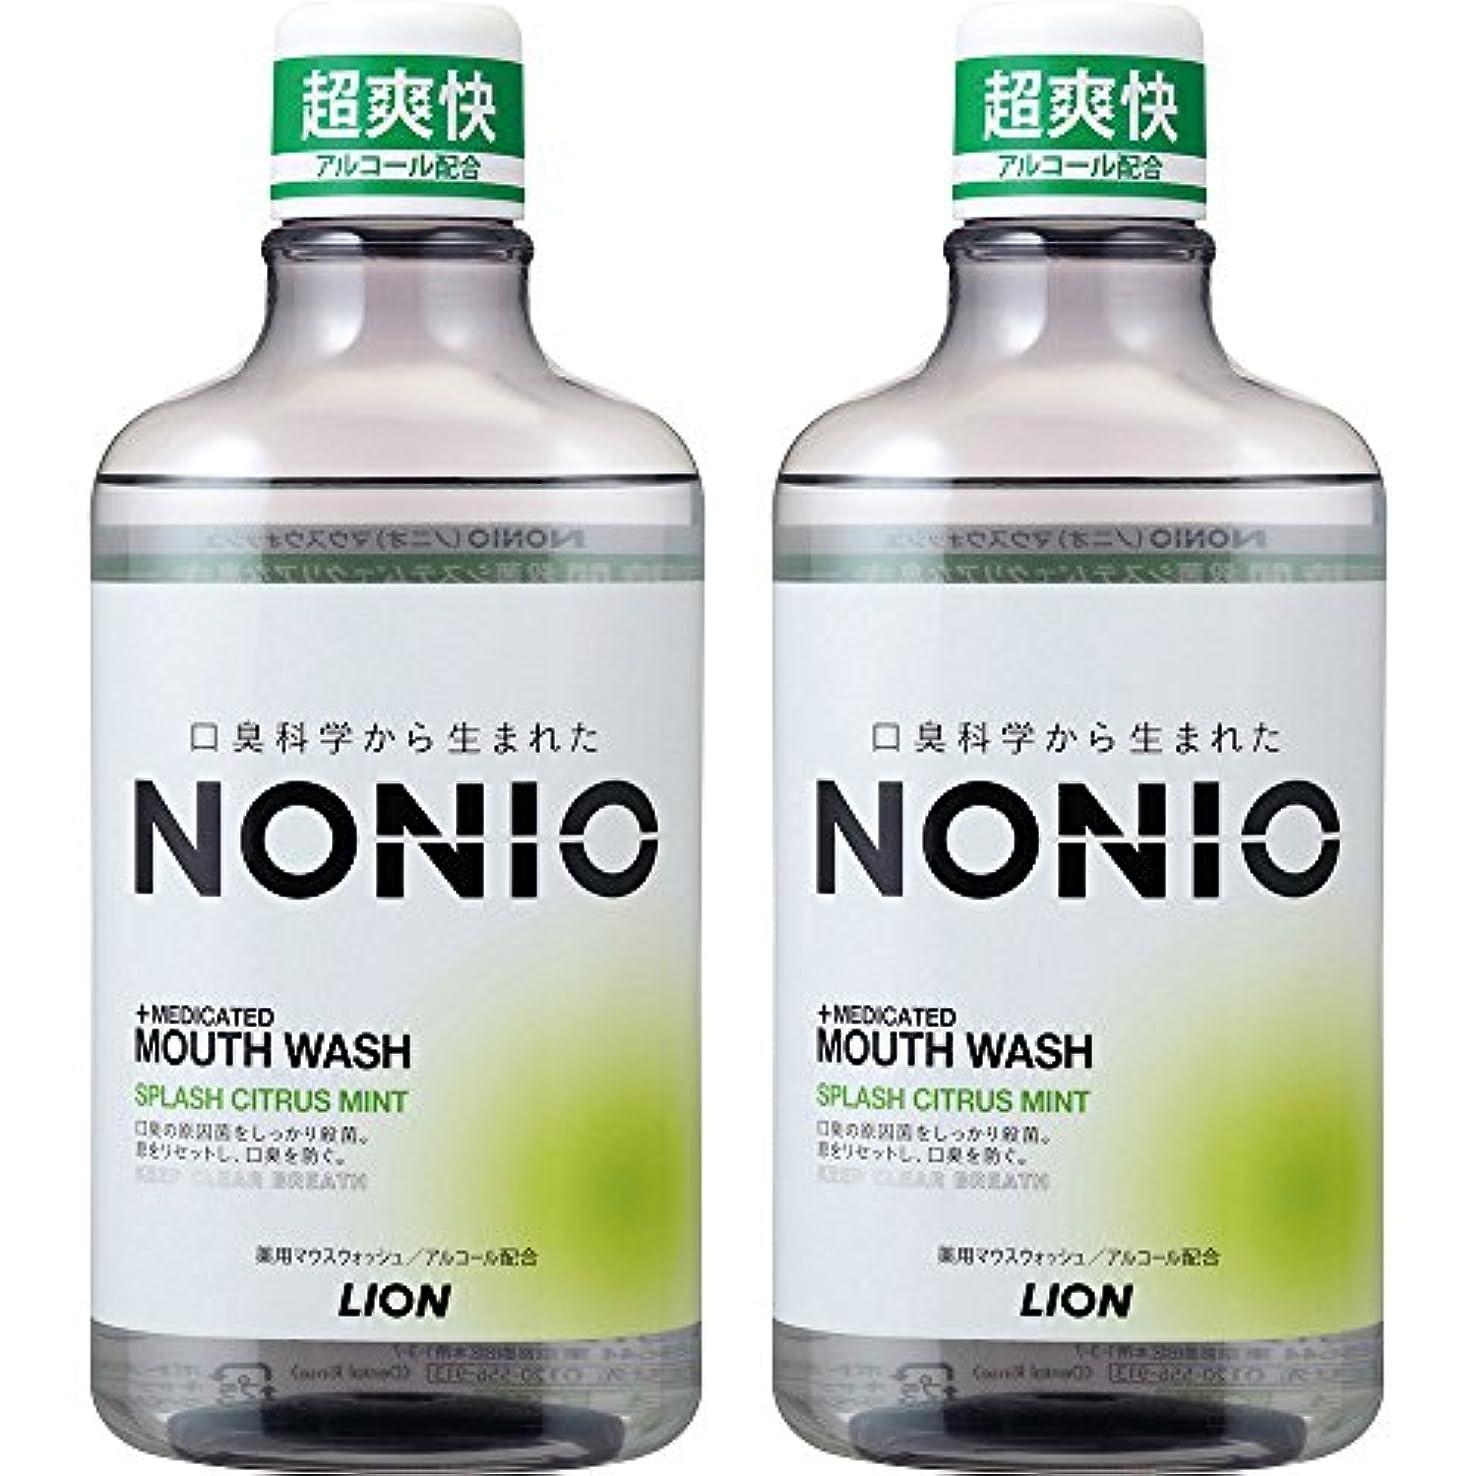 宇宙酔った寮[医薬部外品]NONIO マウスウォッシュ スプラッシュシトラスミント 600ml×2個 洗口液